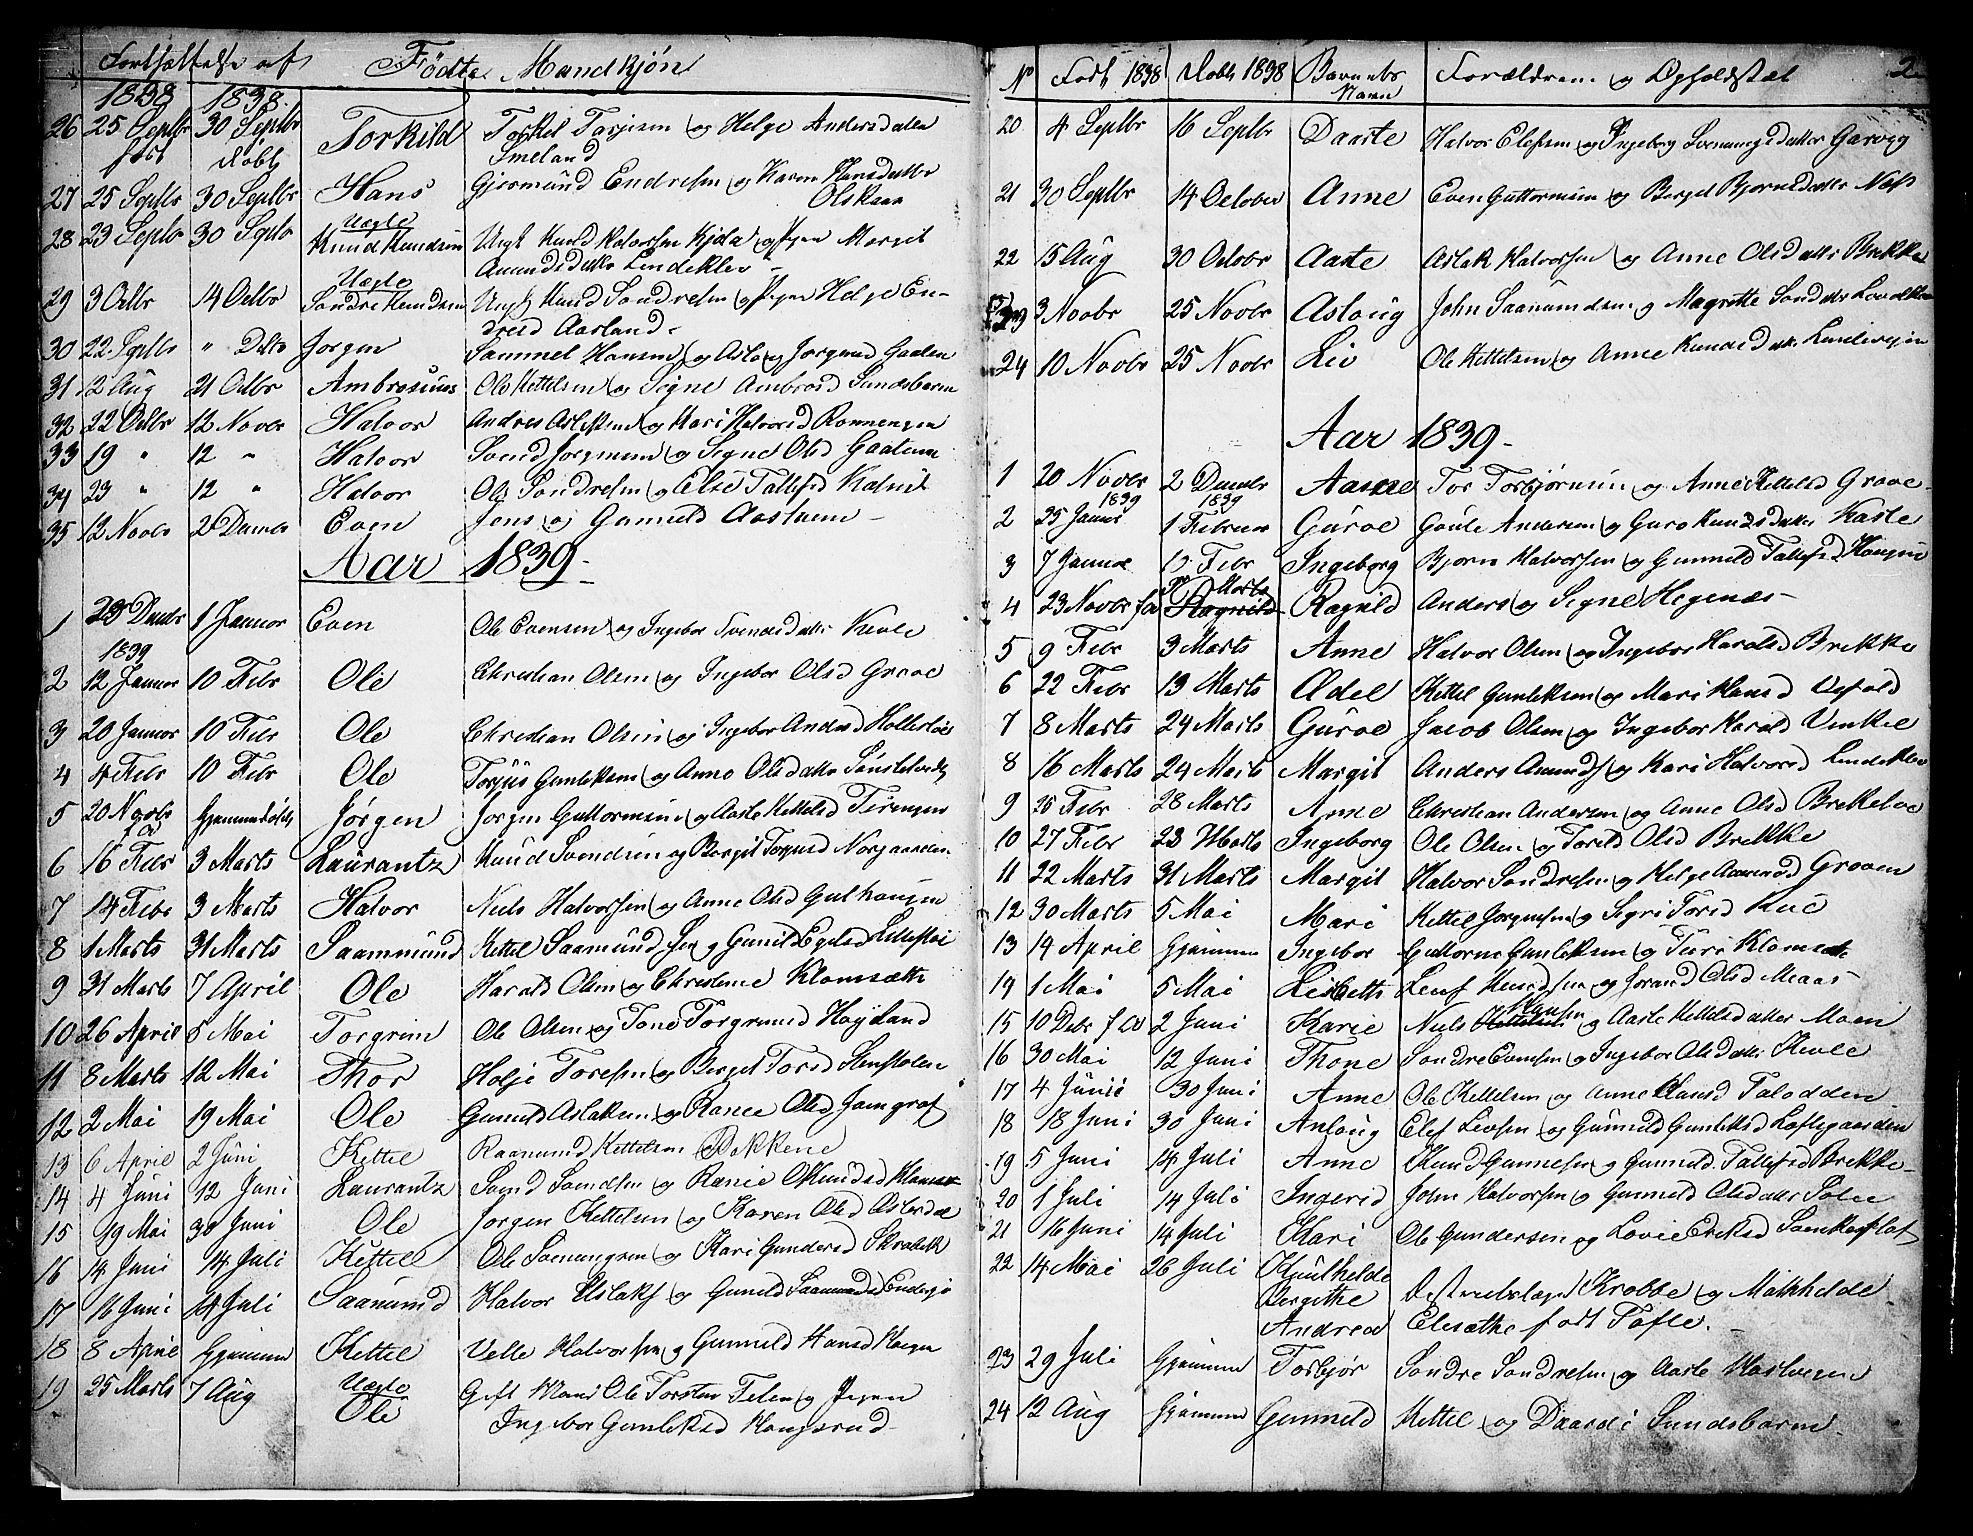 SAKO, Seljord kirkebøker, G/Ga/L0002: Klokkerbok nr. I 2, 1838-1866, s. 2